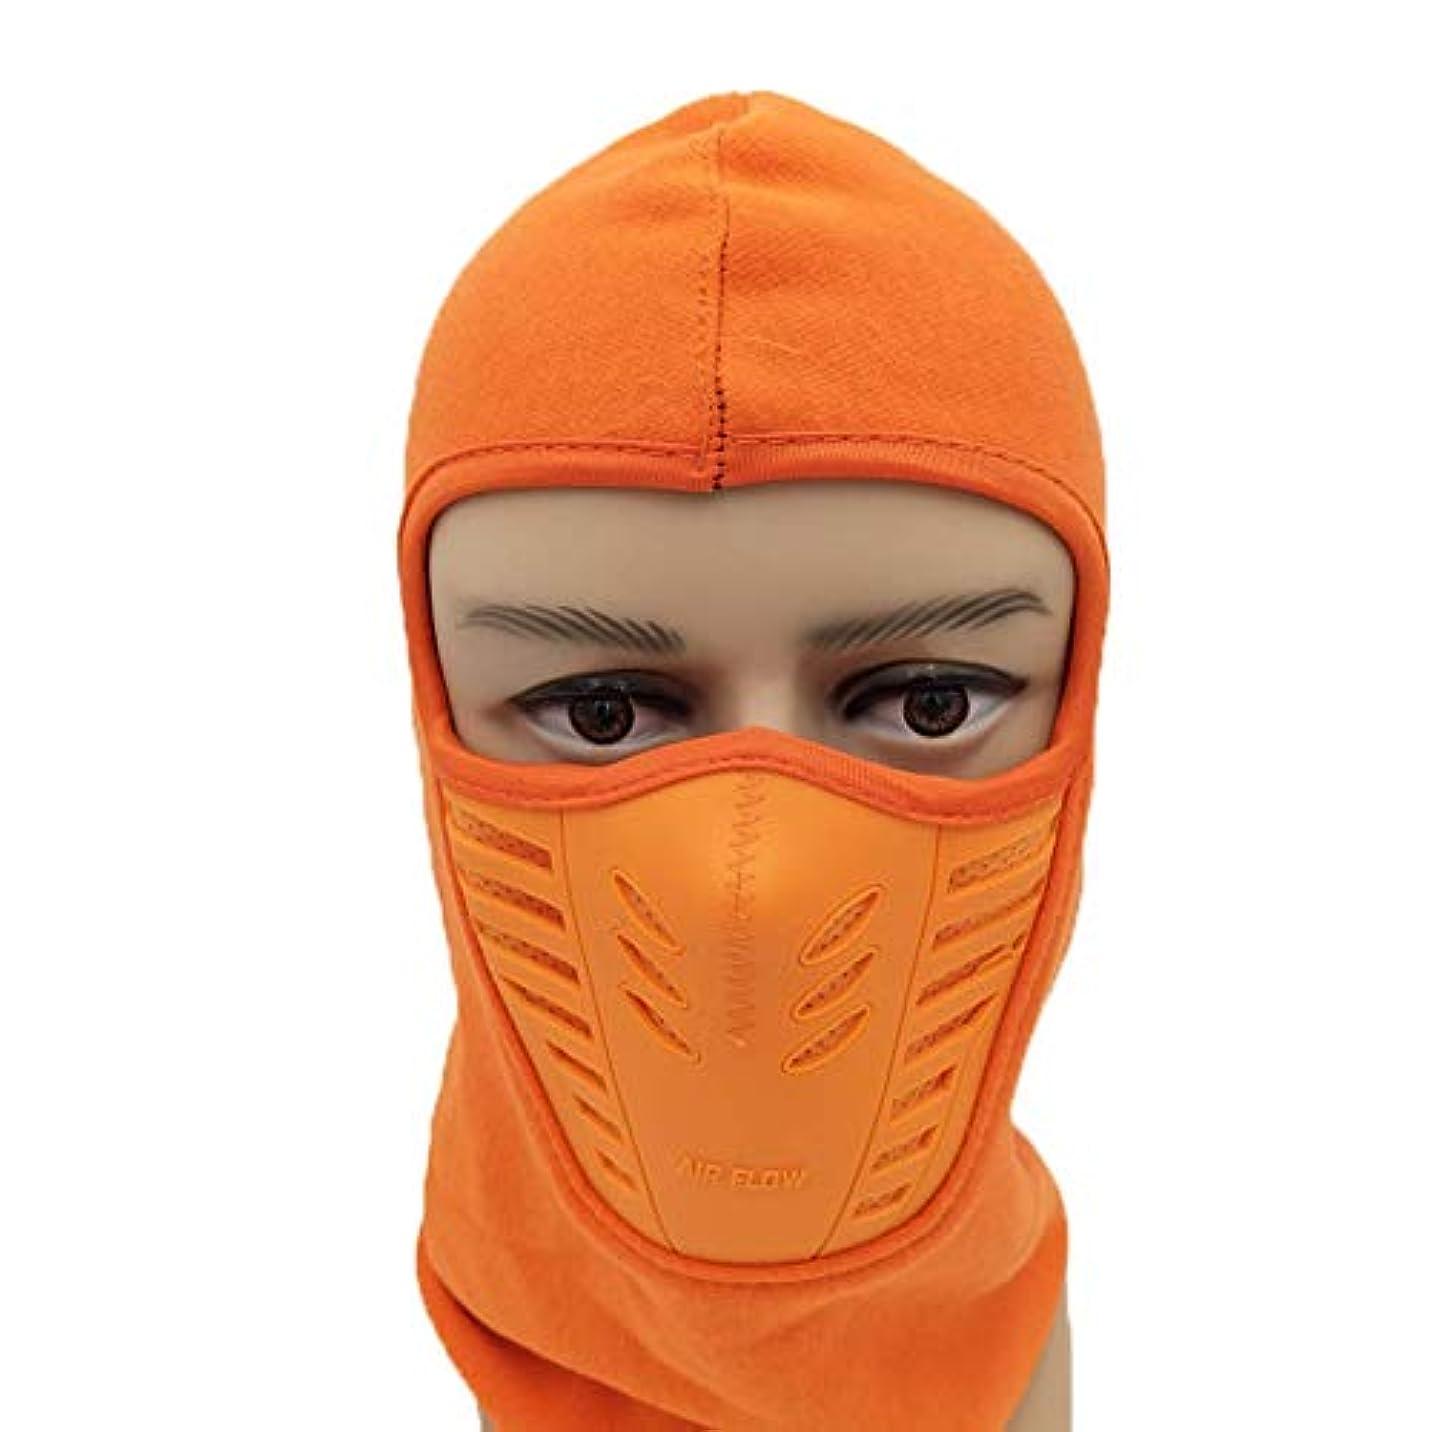 オープナー敵対的論理的にTenflyerウィンターフリースネックウォーマー、フェイスマスクカバー、厚手ロングネックガーターチューブ、ビーニーネックウォーマーフード、ウィンターアウトドアスポーツマスク防風フード帽子